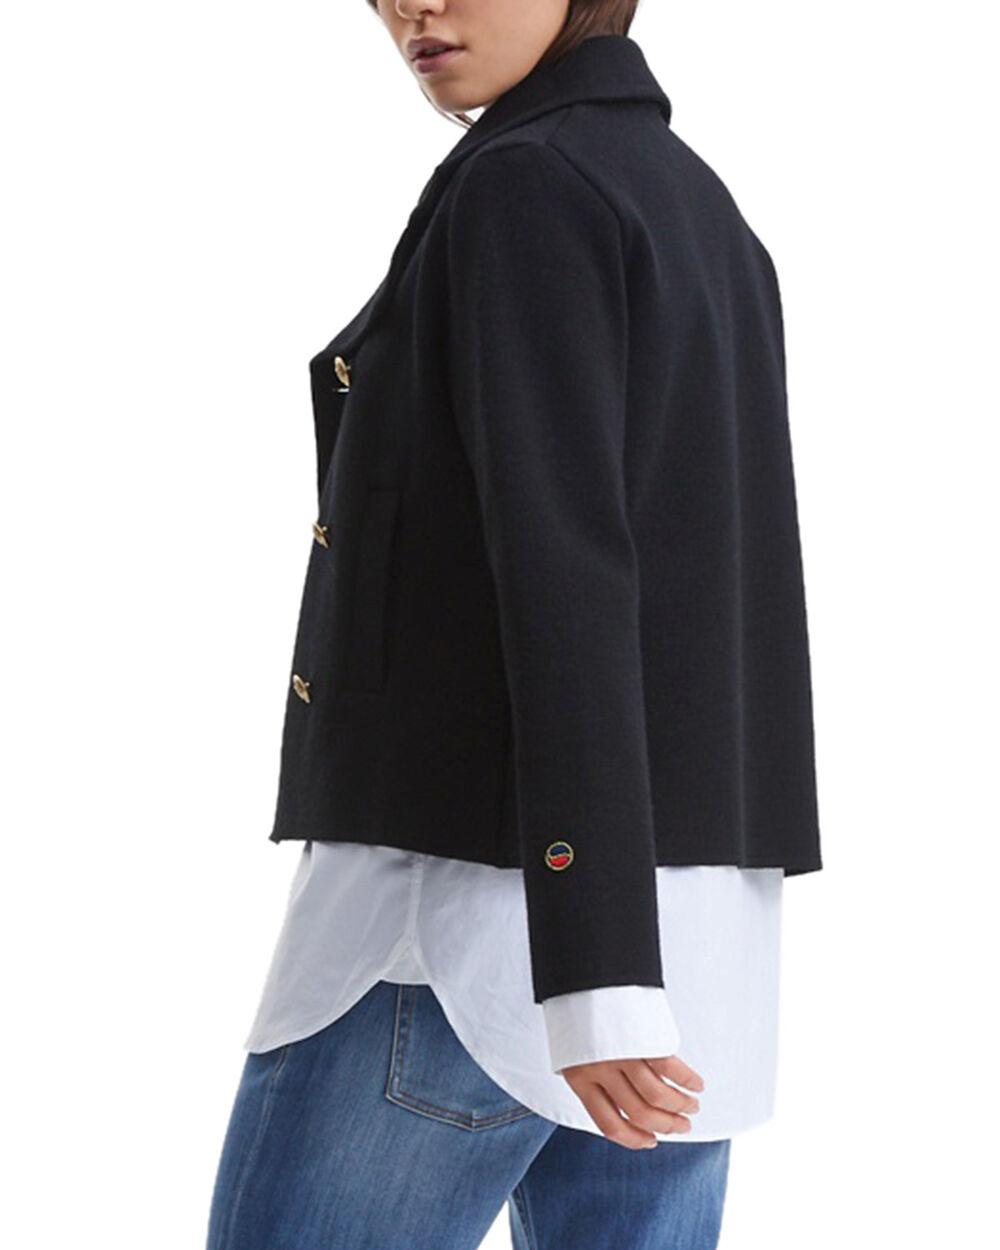 Busnel Indra Jacket Black Tunna jackor | Märkeskläder på